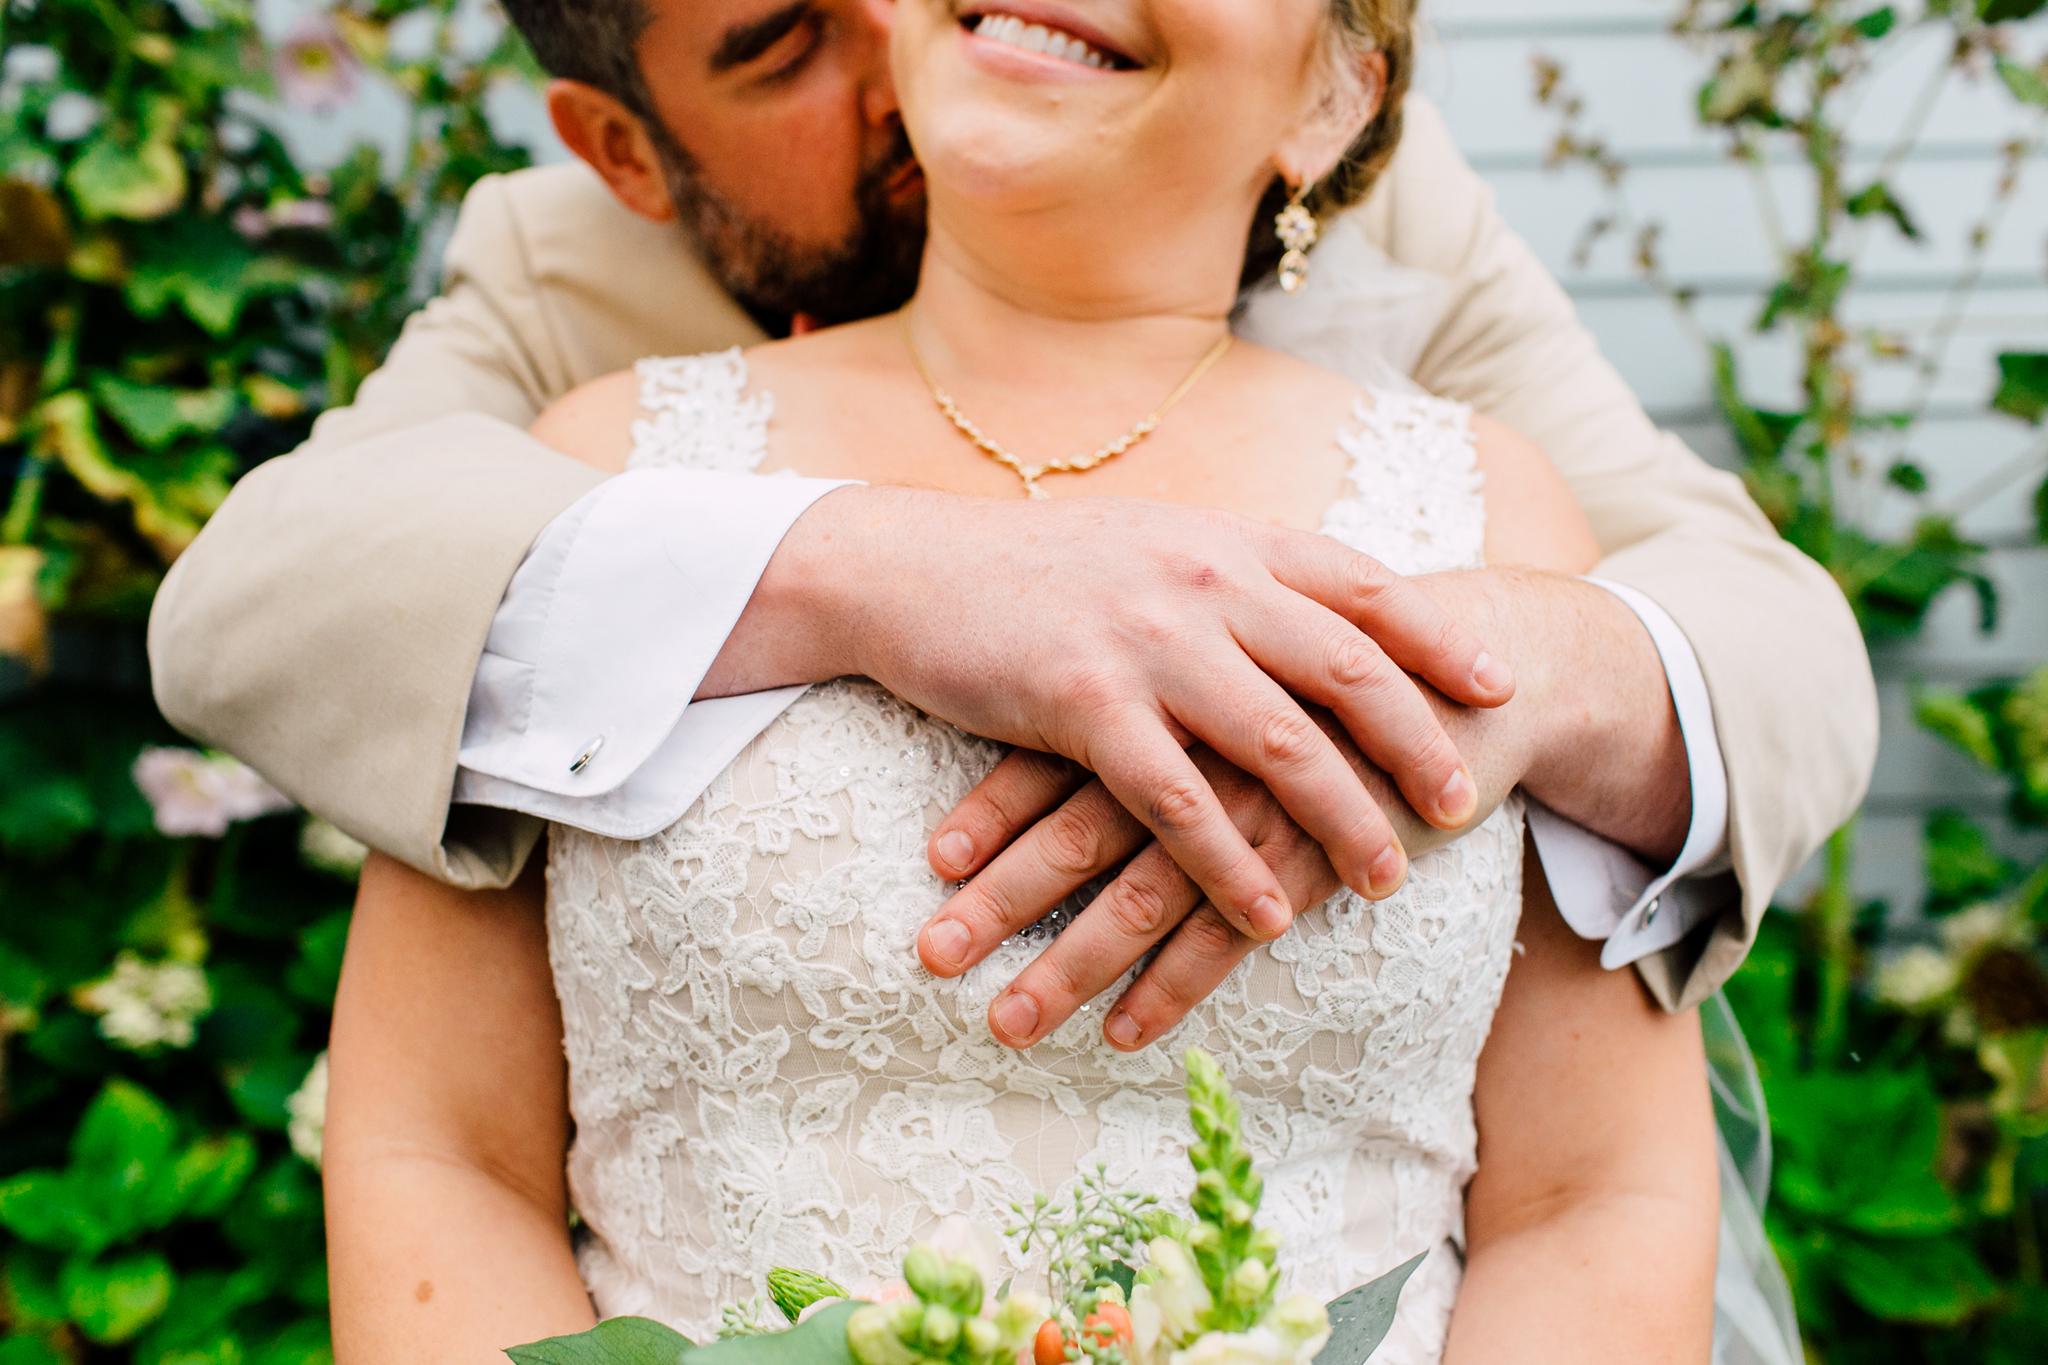 018-bellingham-wedding-photographer-beach-katheryn-moran-elisa-phillip.jpg